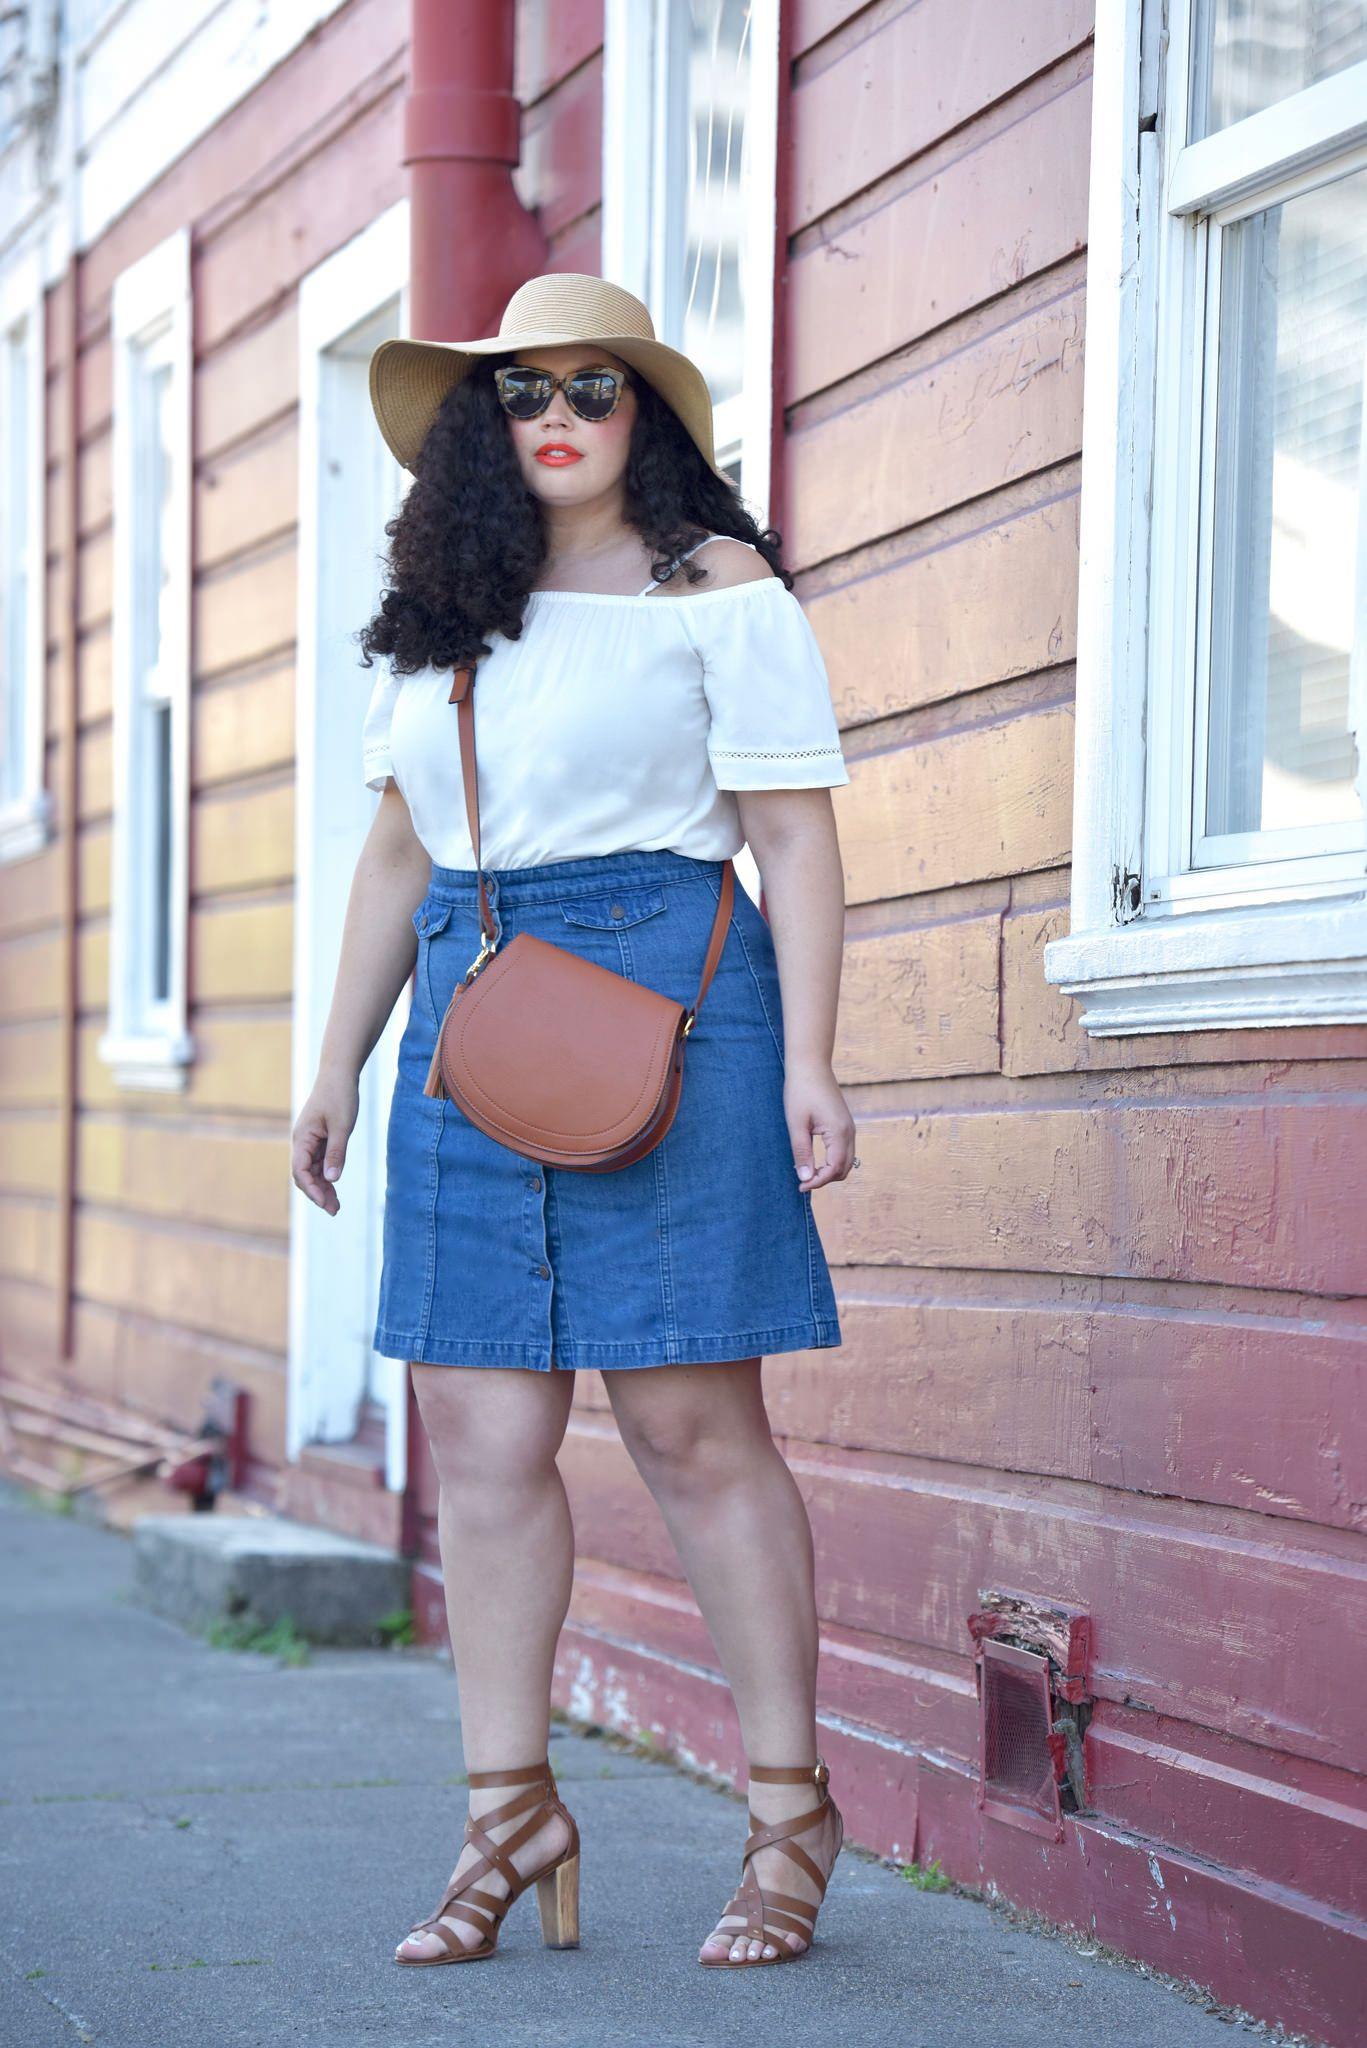 2a9445fe33fa9 Off Shoulder Top + Denim Skirt